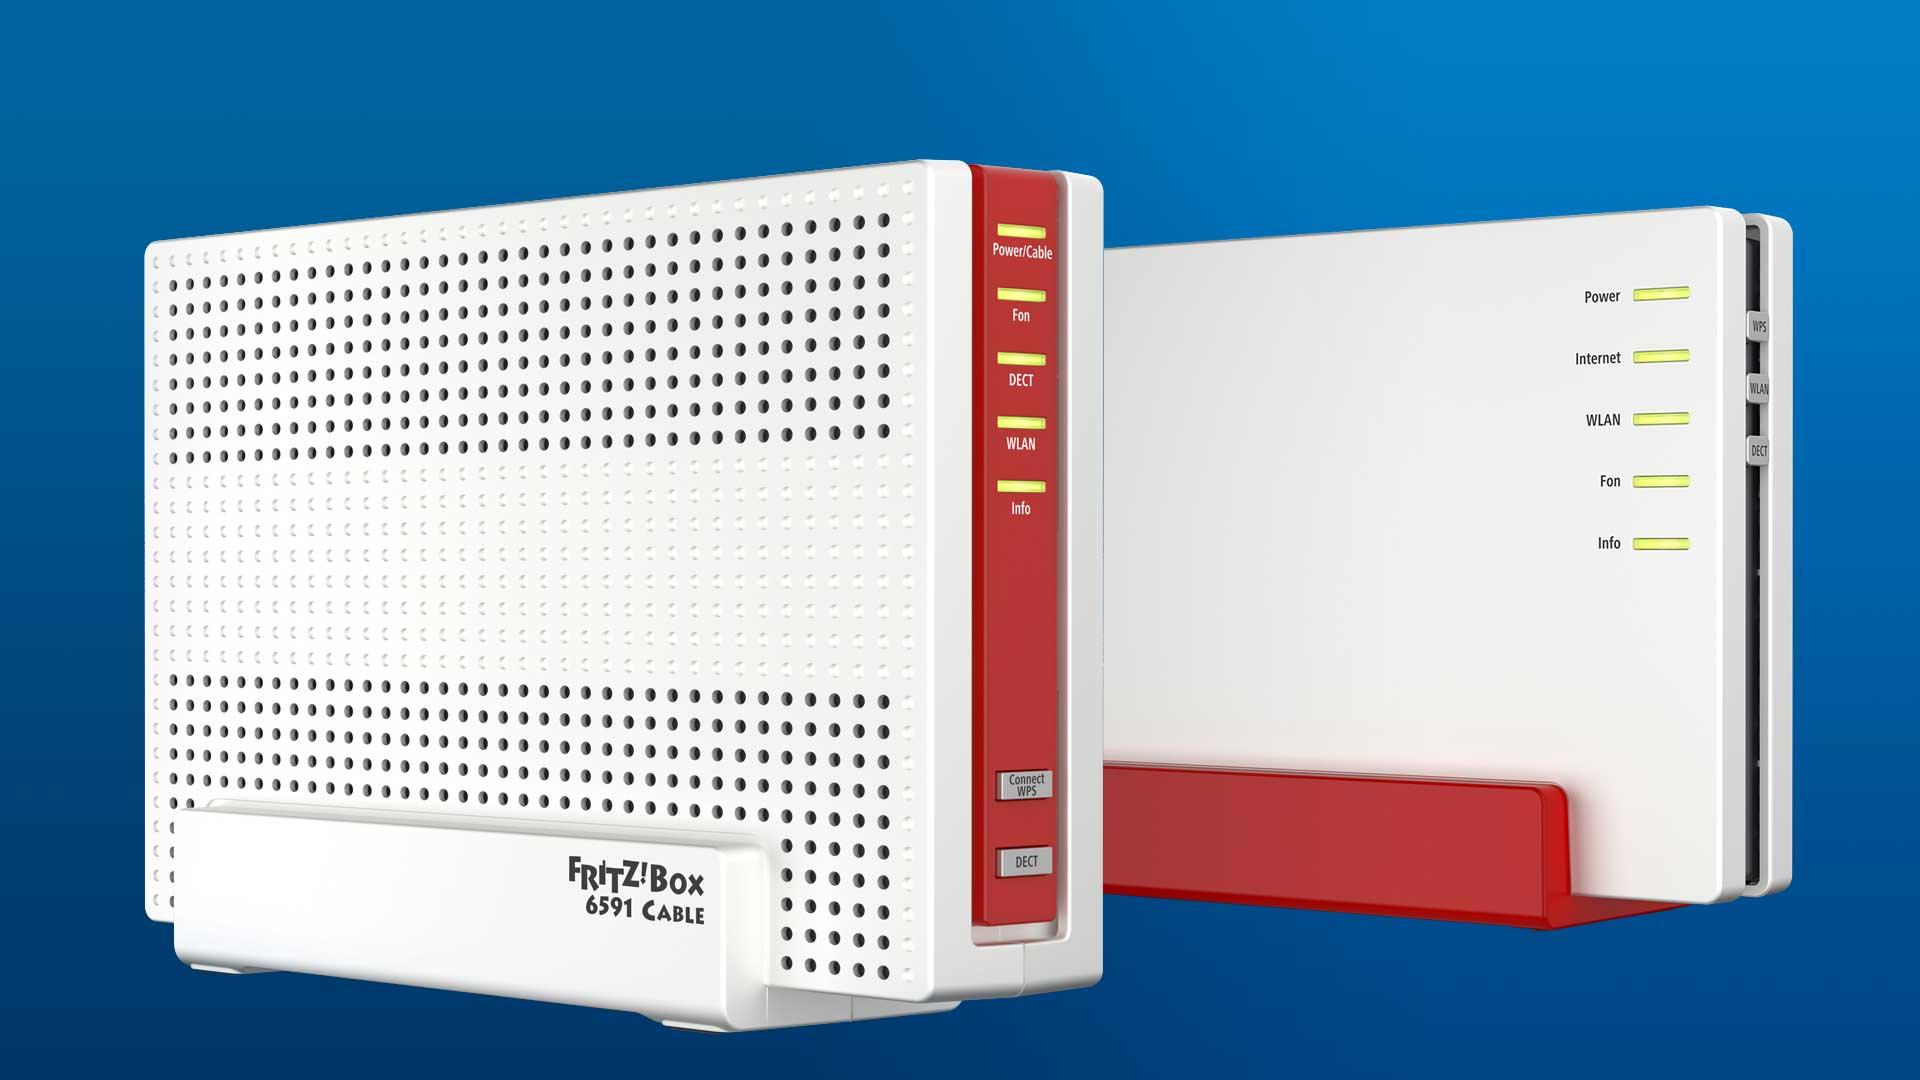 fritz box 7582 und 6591 schnelle neue avm router mit. Black Bedroom Furniture Sets. Home Design Ideas